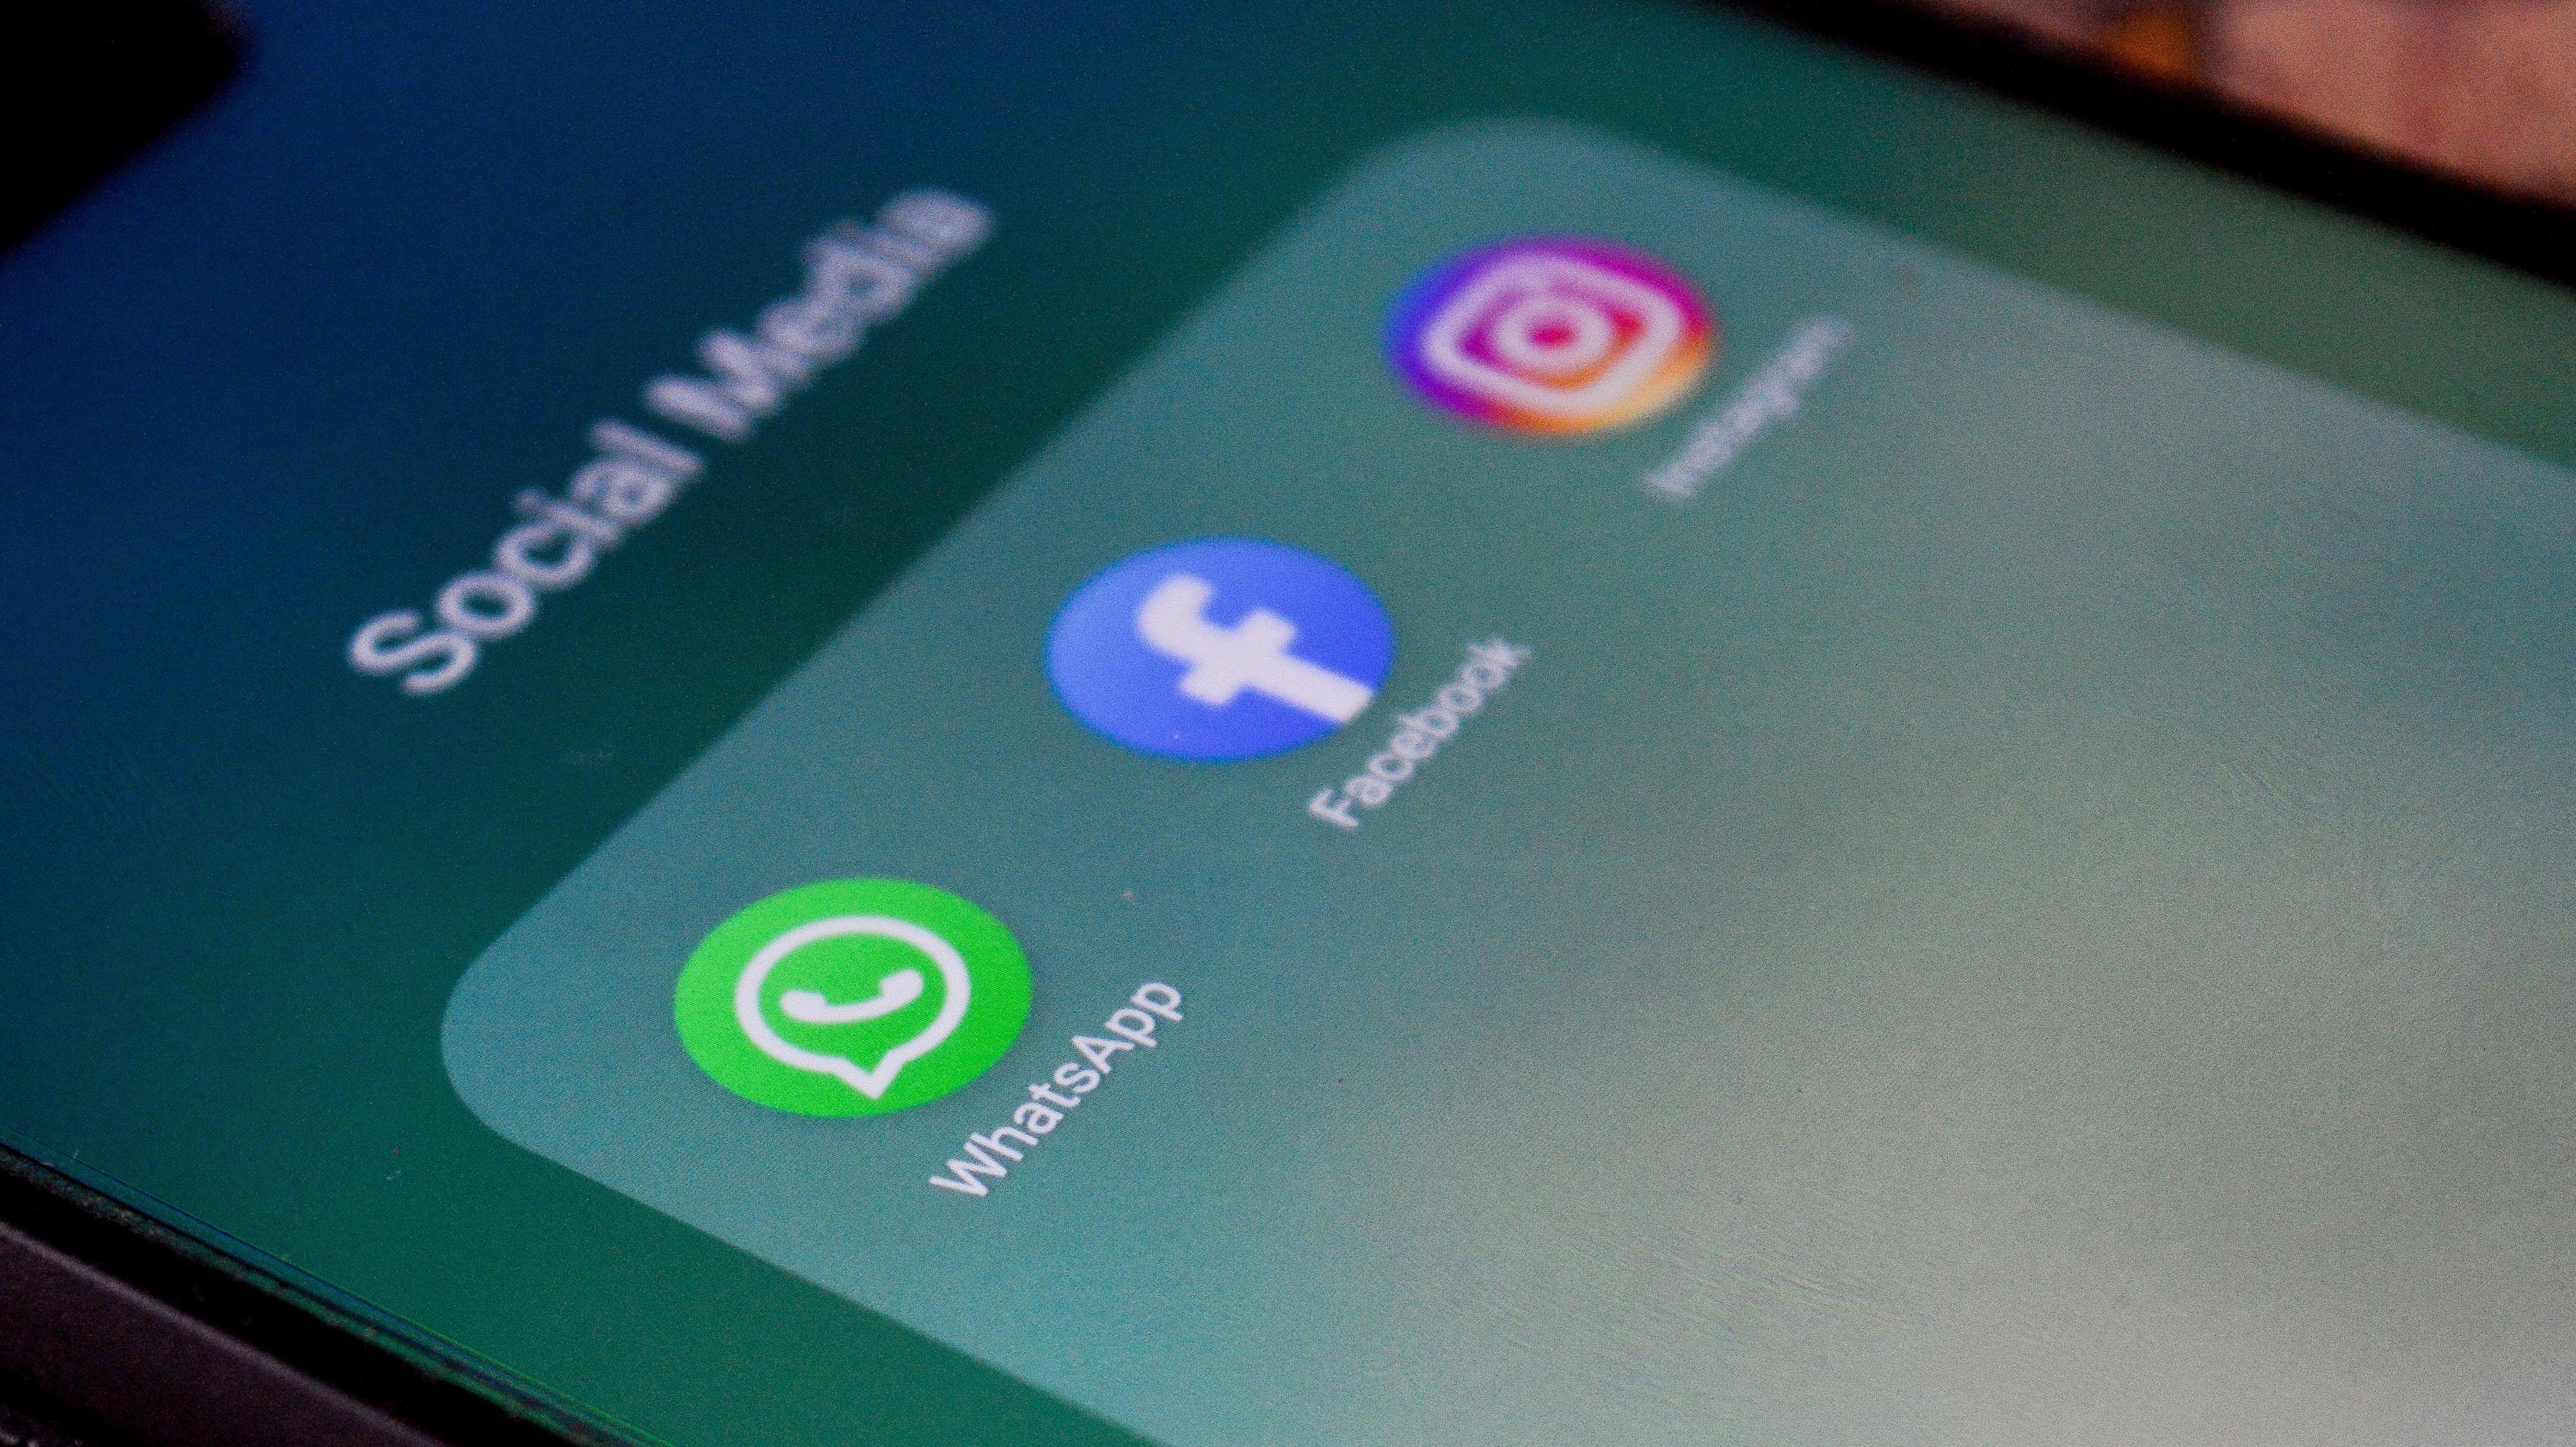 In Sozialen Netzwerken verbreitete sich das Gerücht über die versuchte Entführung im ganzen Ort.